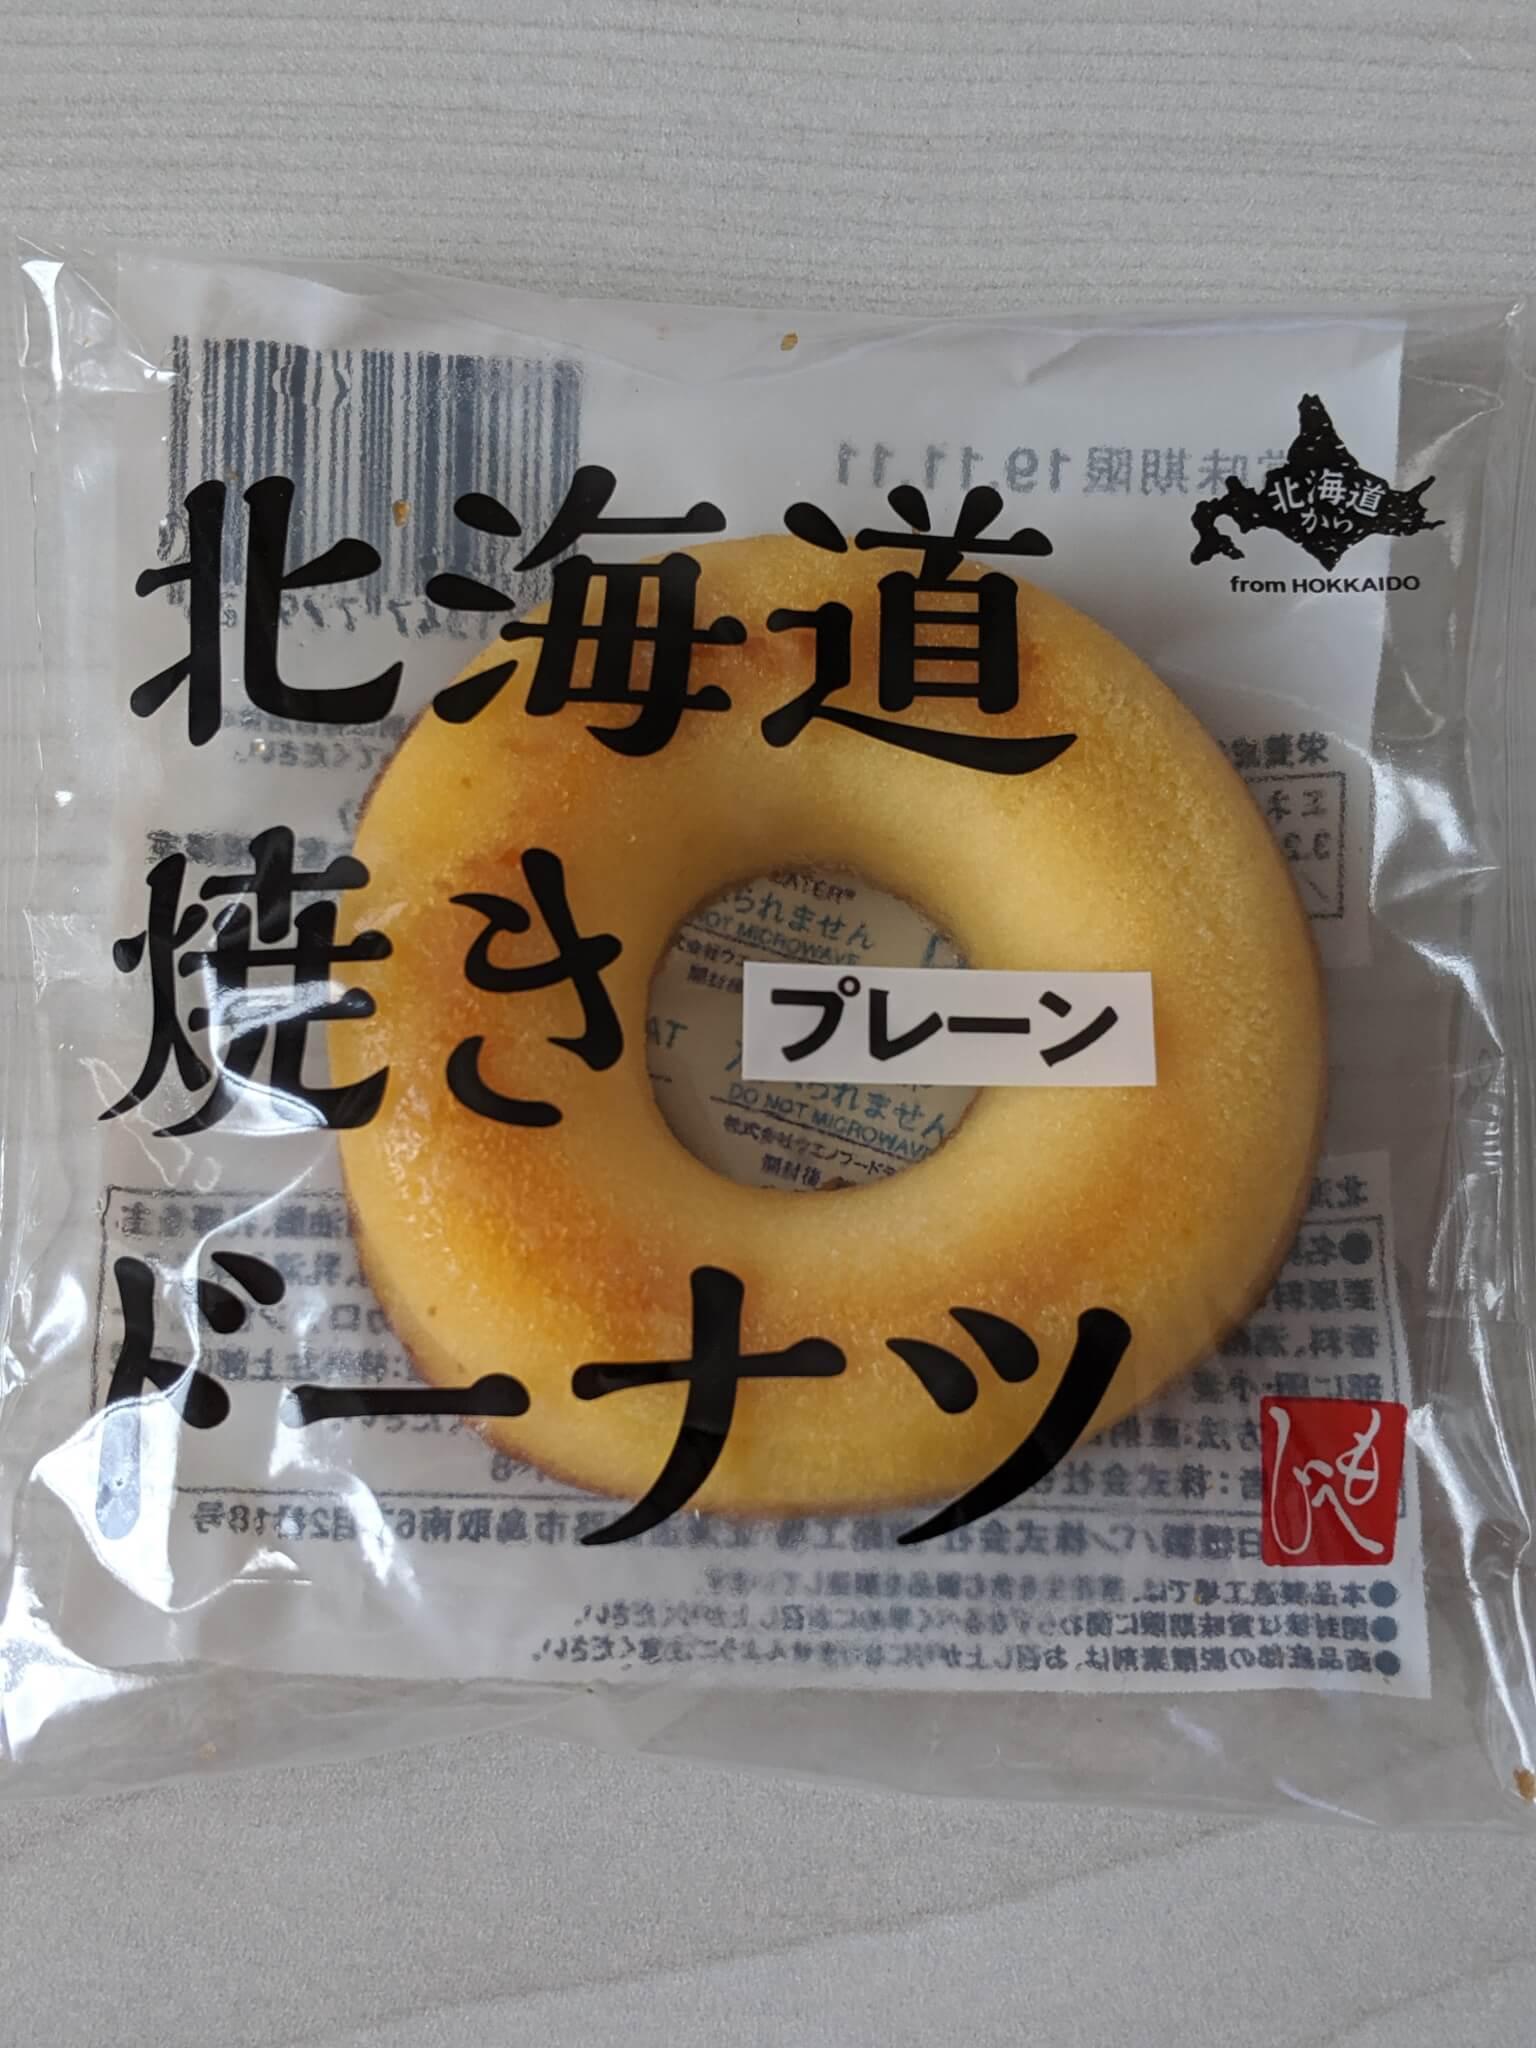 もへじの北海道焼きドーナツプレーン